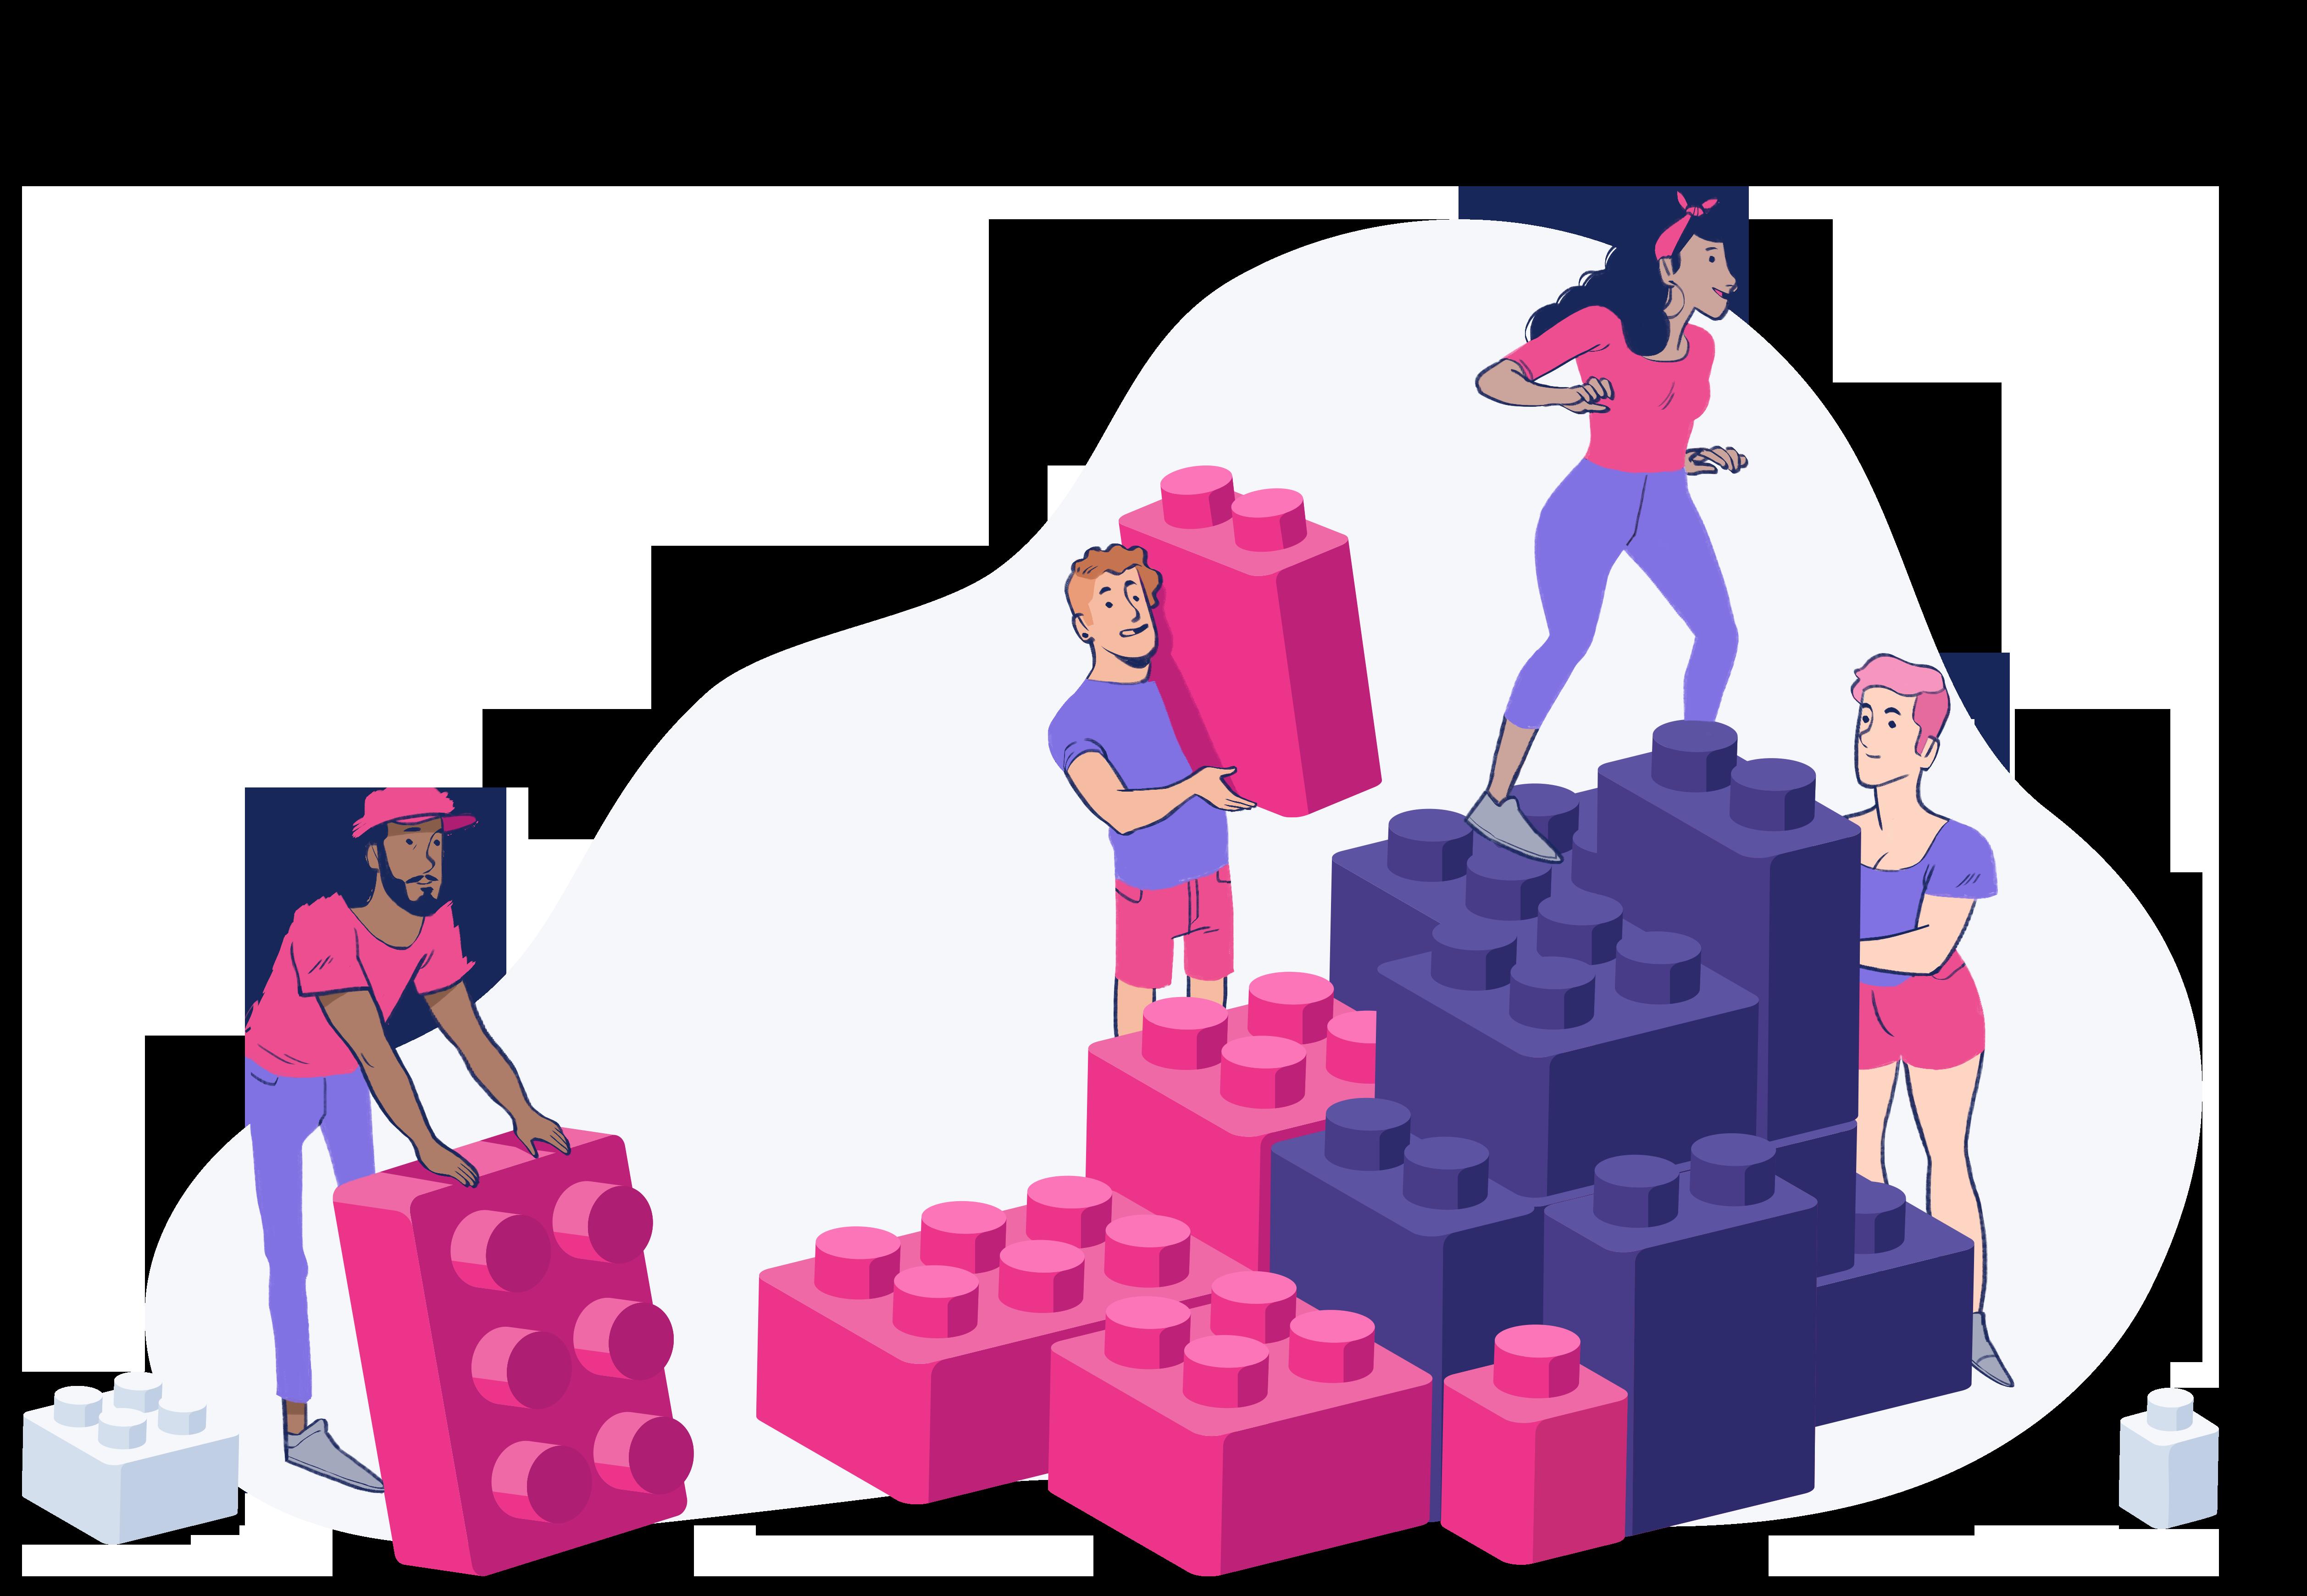 Nesta imagem existem 4 jovens vestindo roupas rosas e roxas (Cores da marca). Três deles estão segurando peças de LEGO gigantes e montando uma escada. Uma personagem está subindo nesta escada. Metaforicamente simboliza pessoas apoiando a subida de carreira da outra.